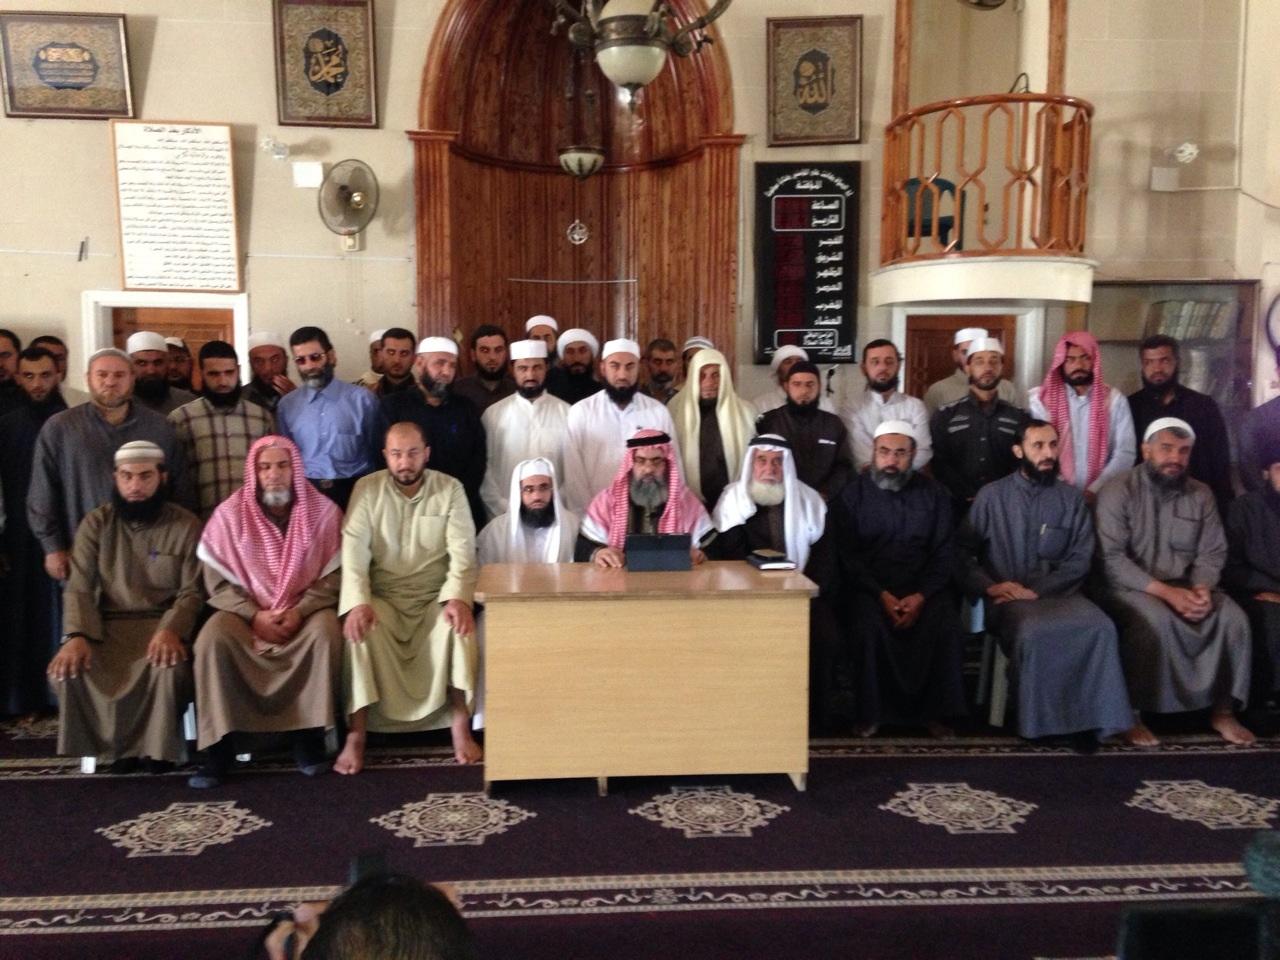 دعاة وعلماء حوران يعلنون تأسيس (الهيئة الإسلامية الموحدة في درعا والقنيطرة)